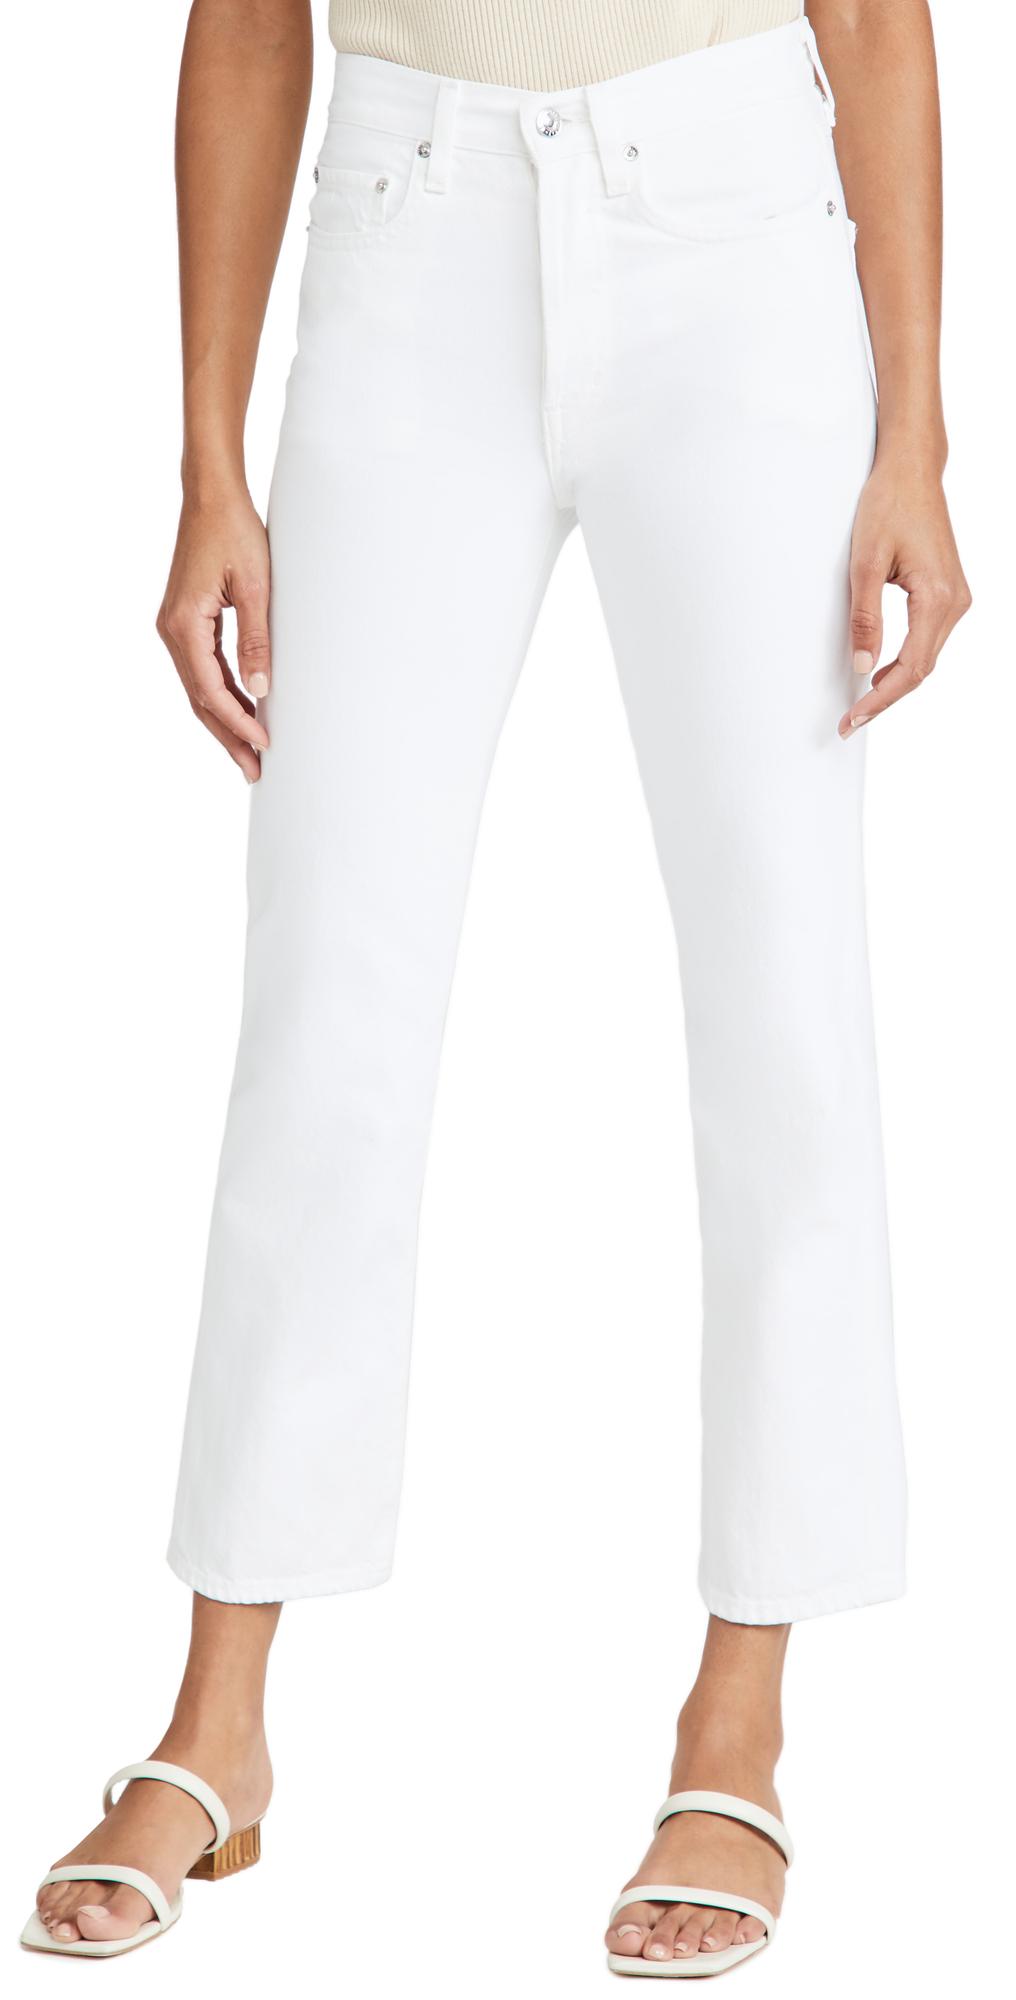 Kali Ankle Jeans